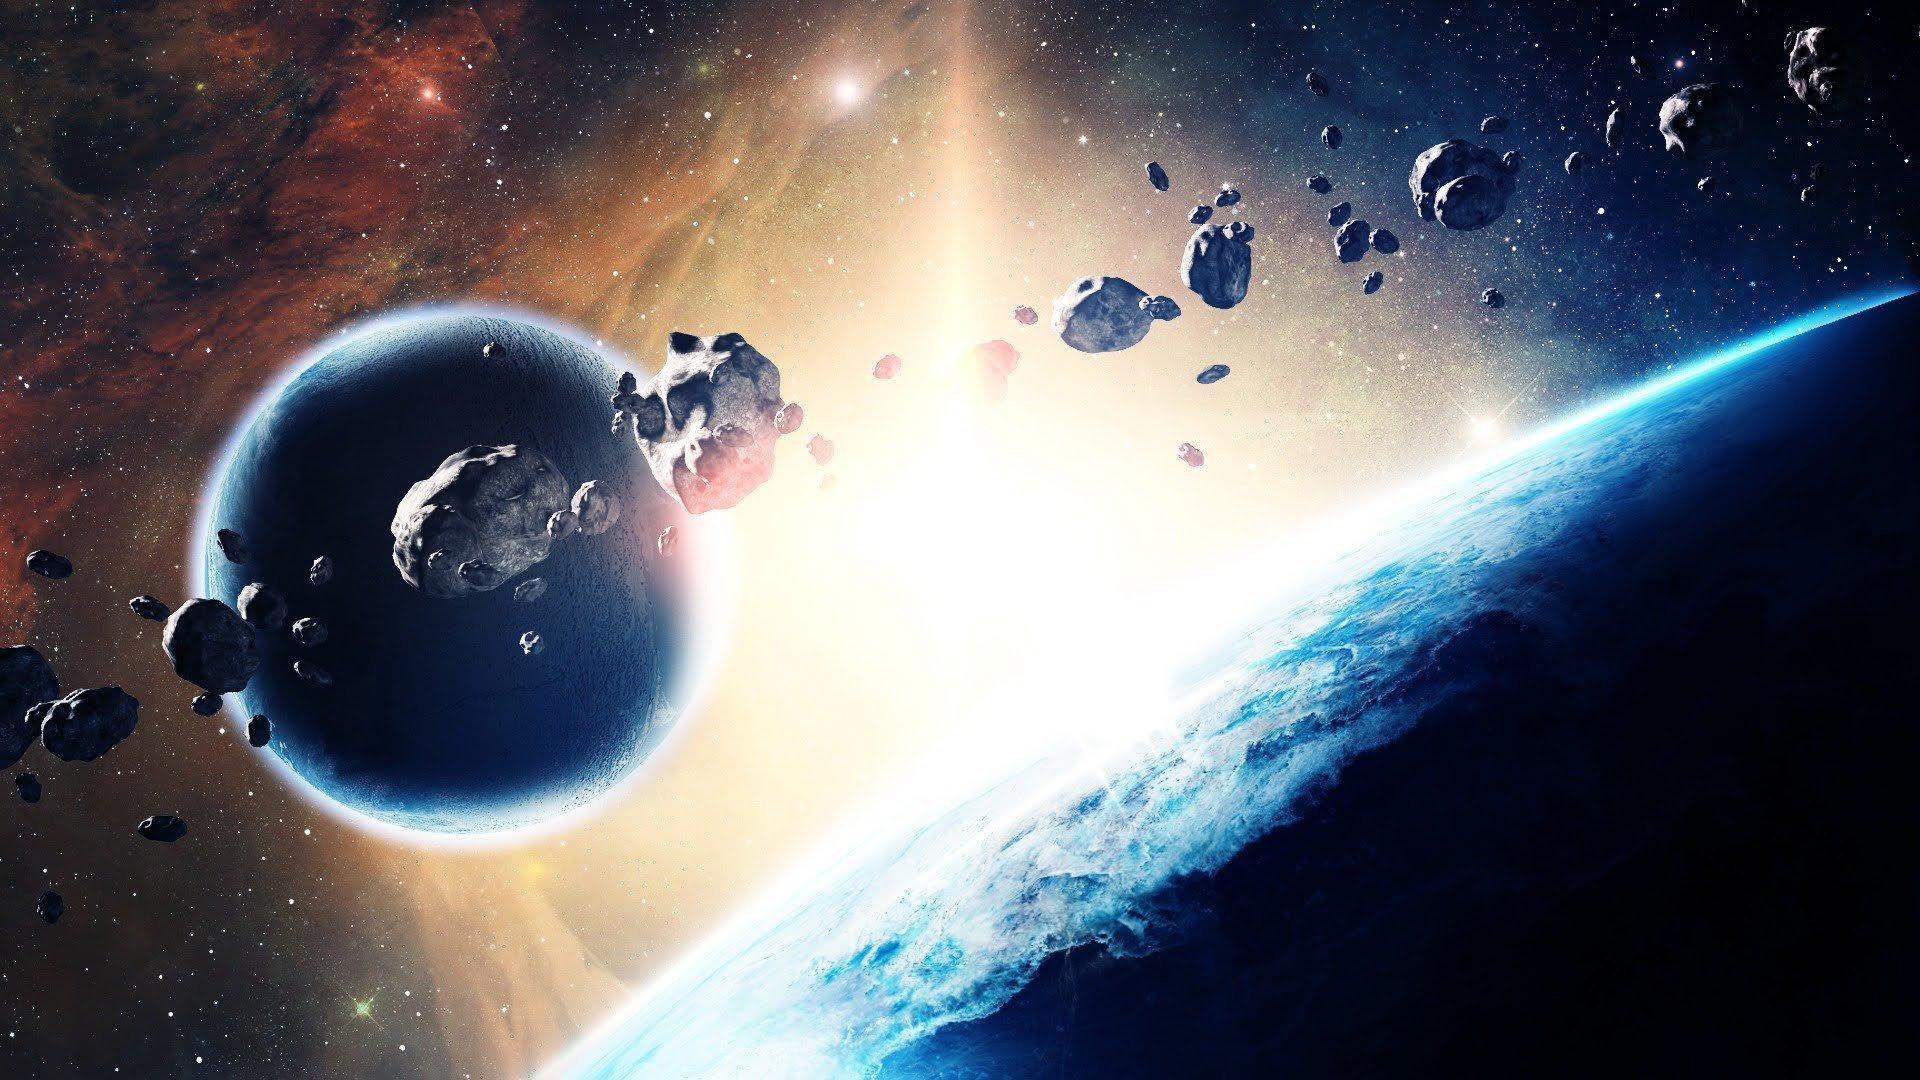 Астероиды угрожающие земле 2012 декабрь побочные эффекты сустанона